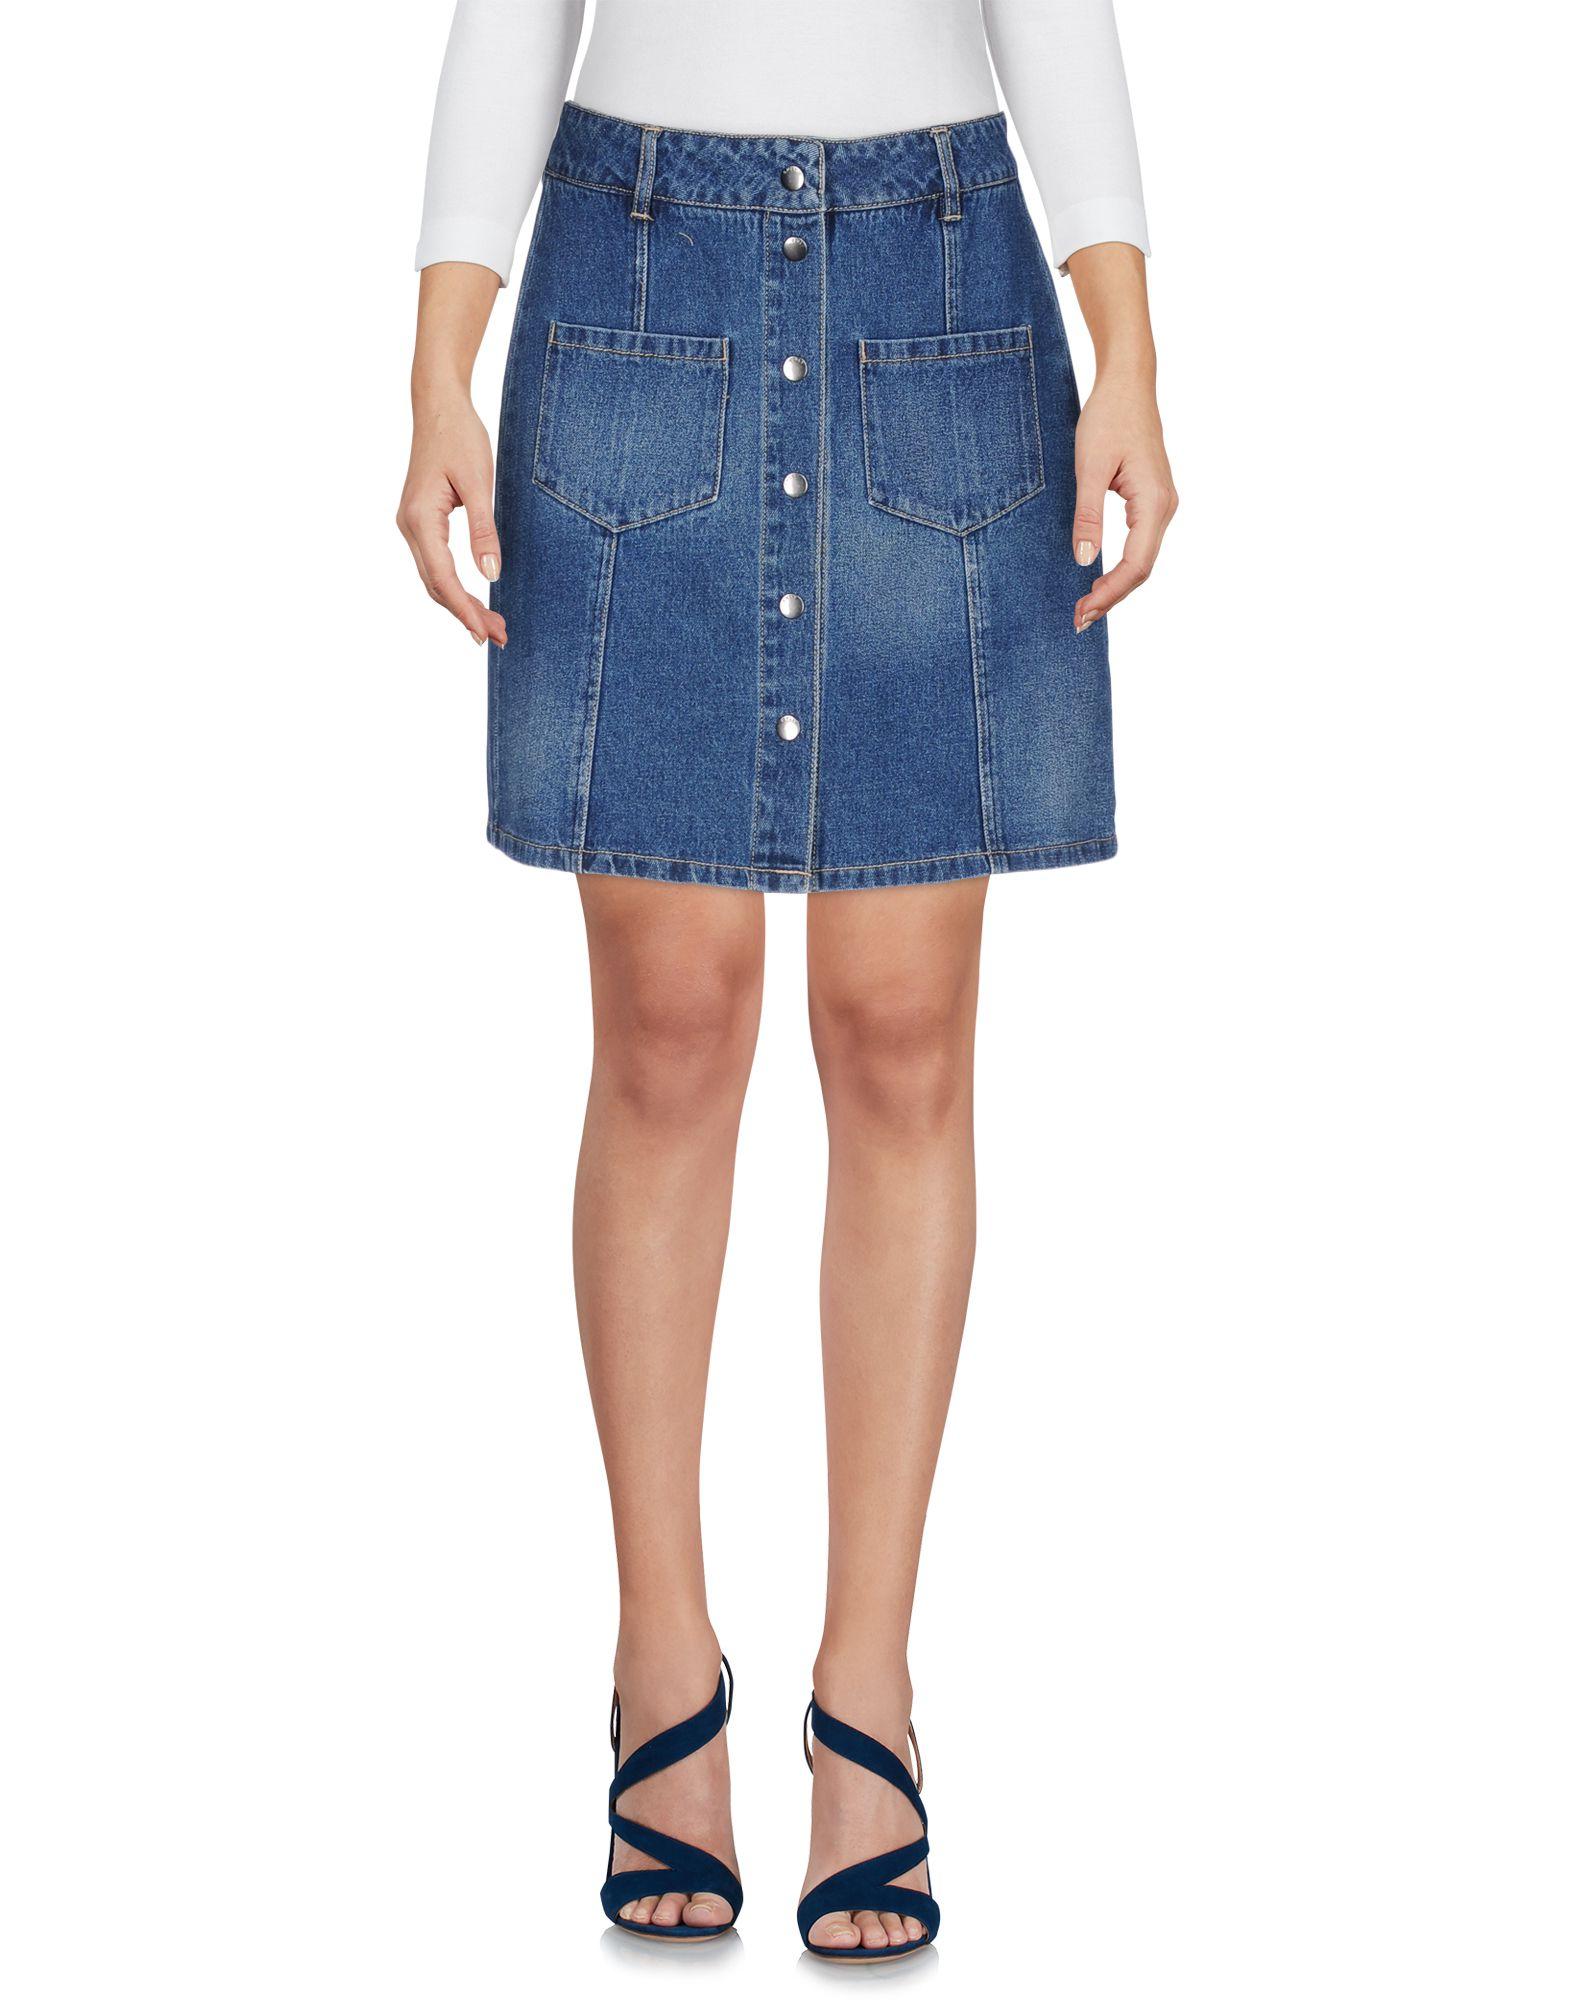 ONLY BLU Джинсовая юбка